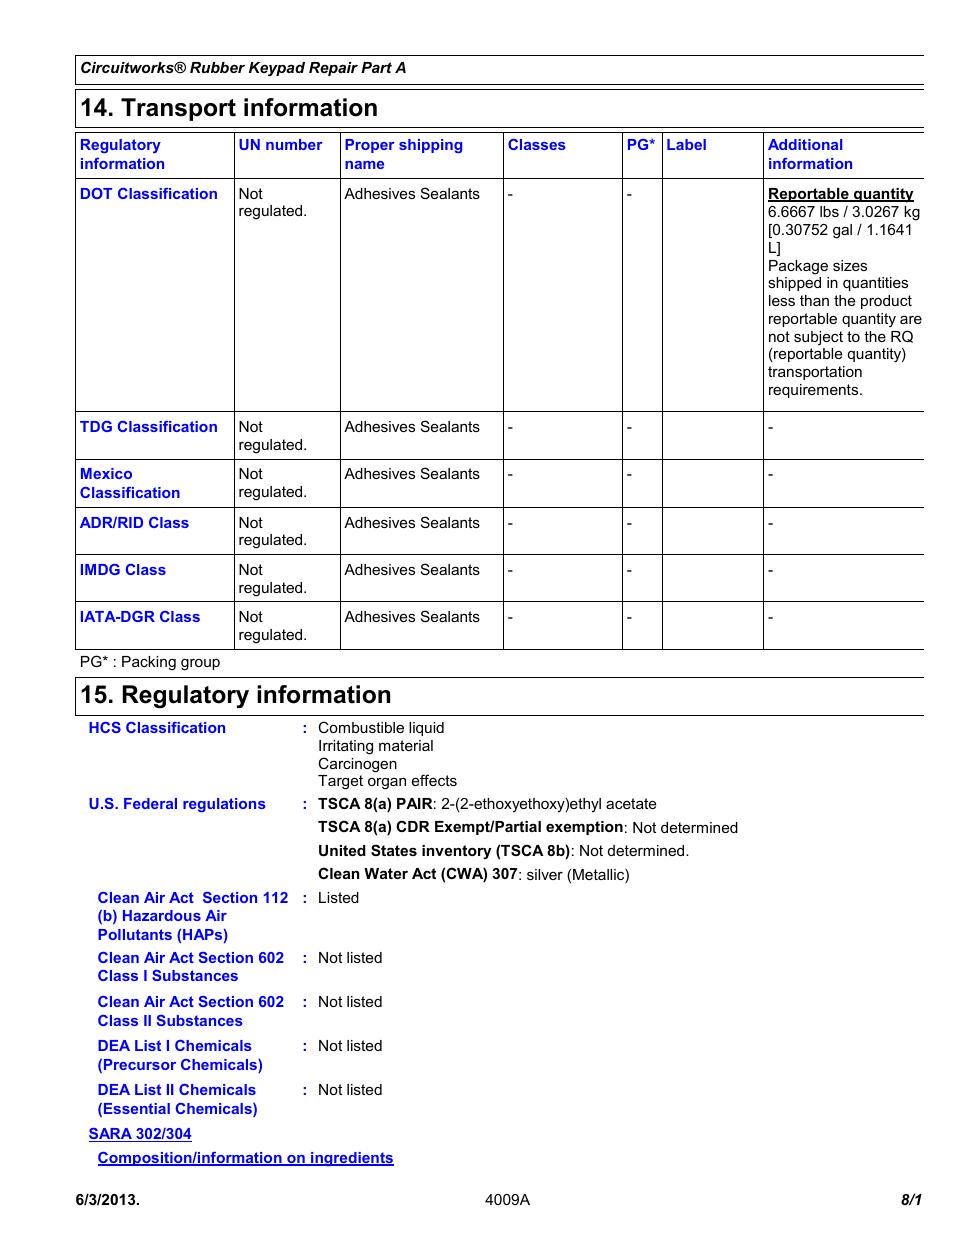 Transport Information  Regulatory Information